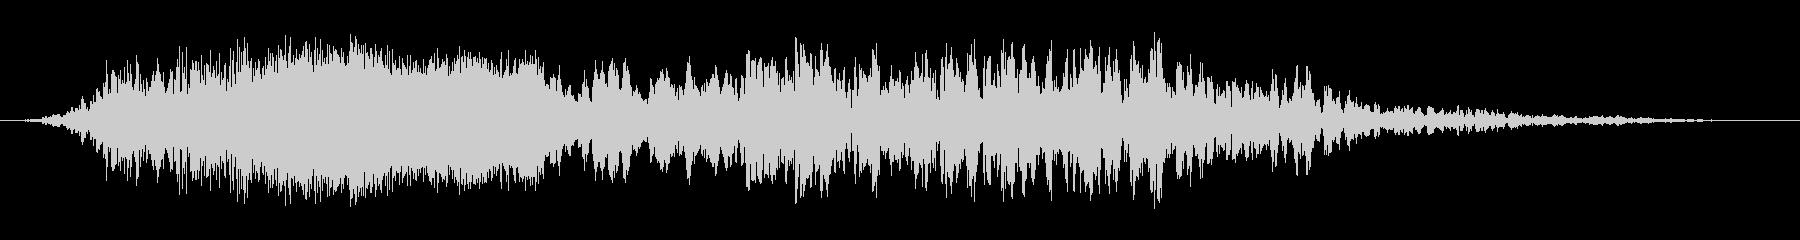 コメットトレイル3の未再生の波形